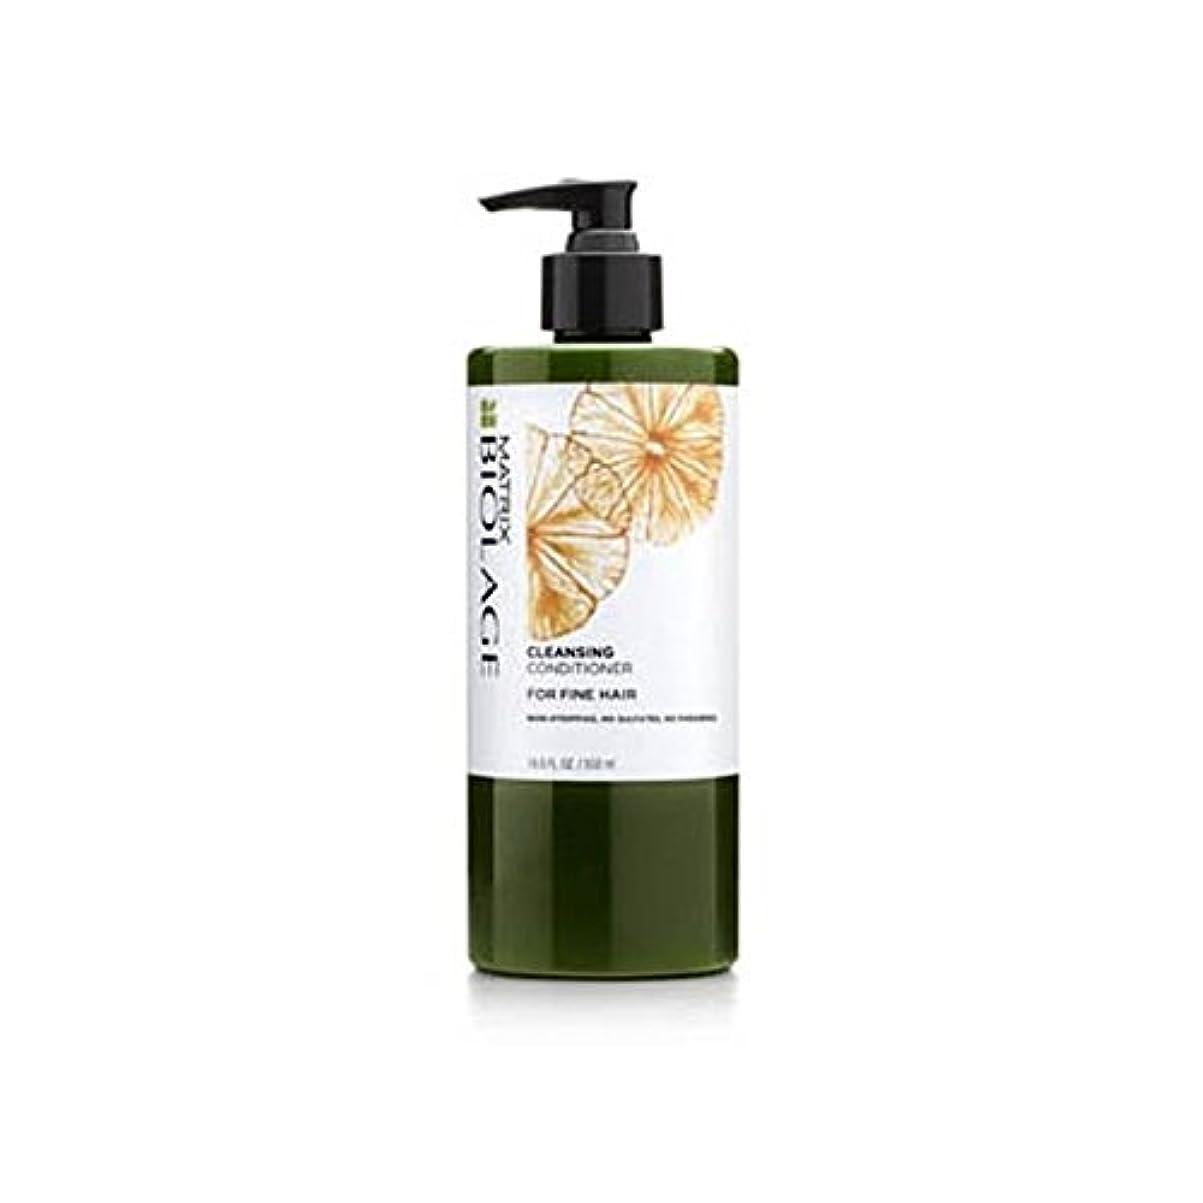 マトリックスバイオレイジクレンジングコンディショナー - 細い髪(500ミリリットル) x2 - Matrix Biolage Cleansing Conditioner - Fine Hair (500ml) (Pack...